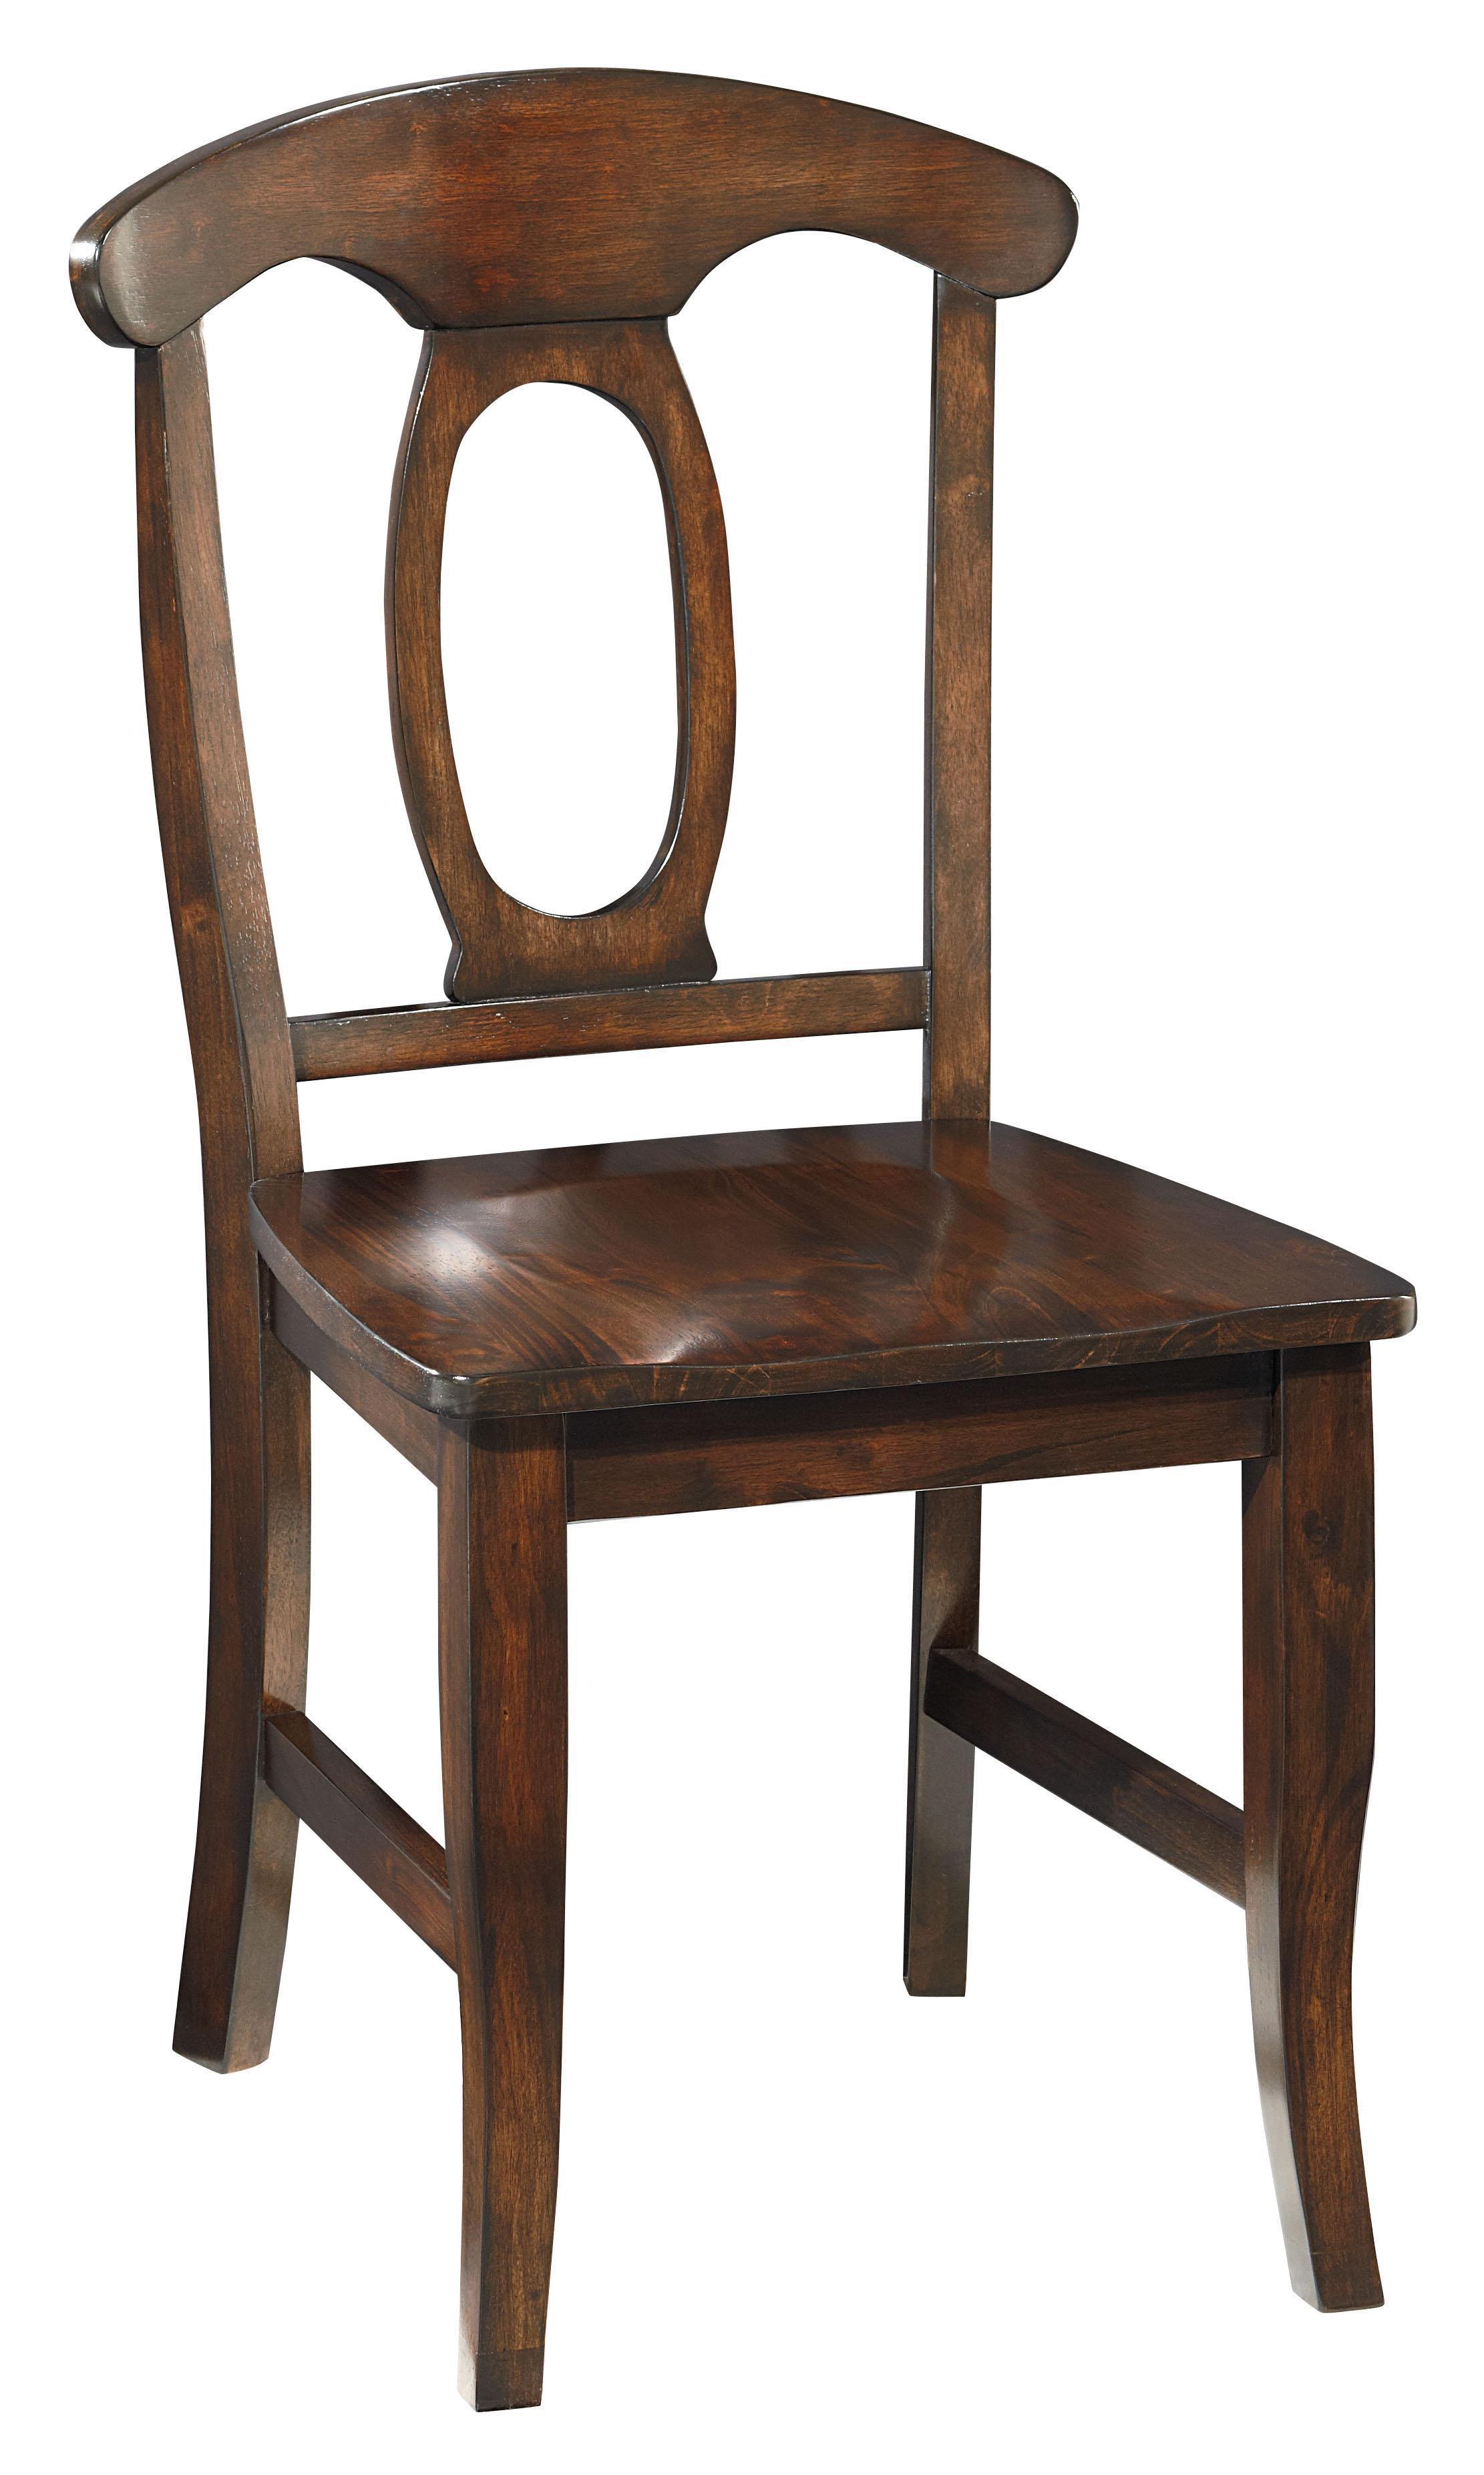 Standard Furniture Larkin Dining Side Chair - Item Number: 15244